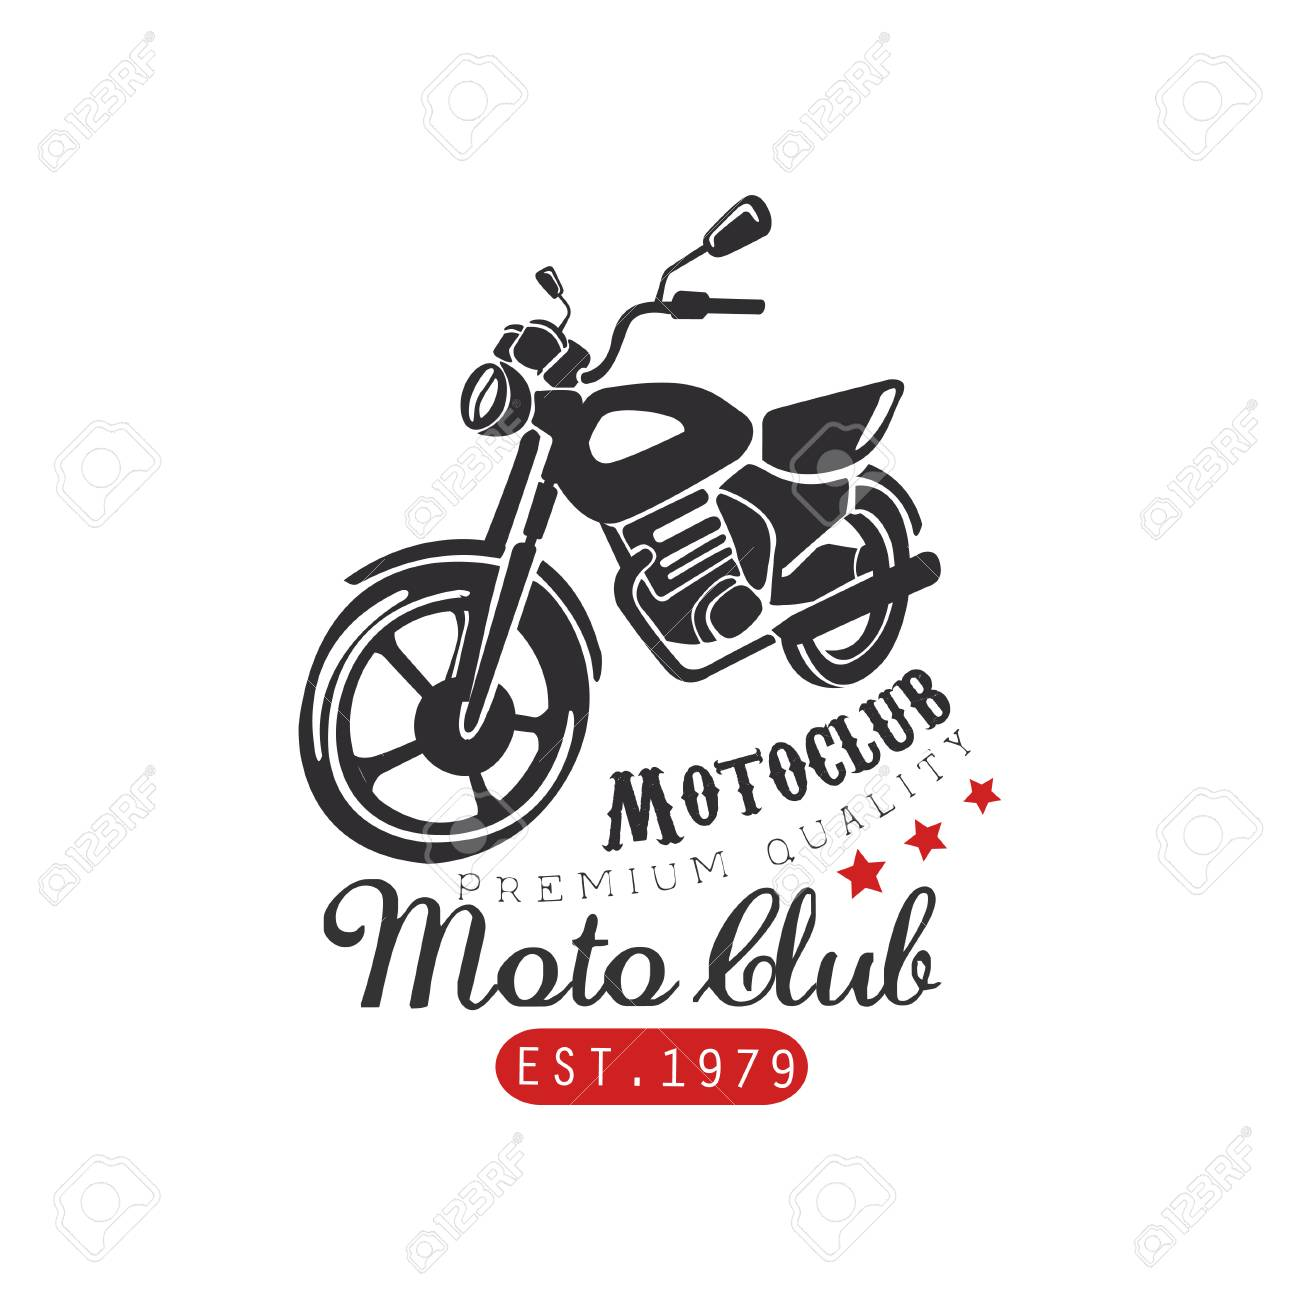 Motor Club Logo Premium Quality 1979 Design Element For Motor